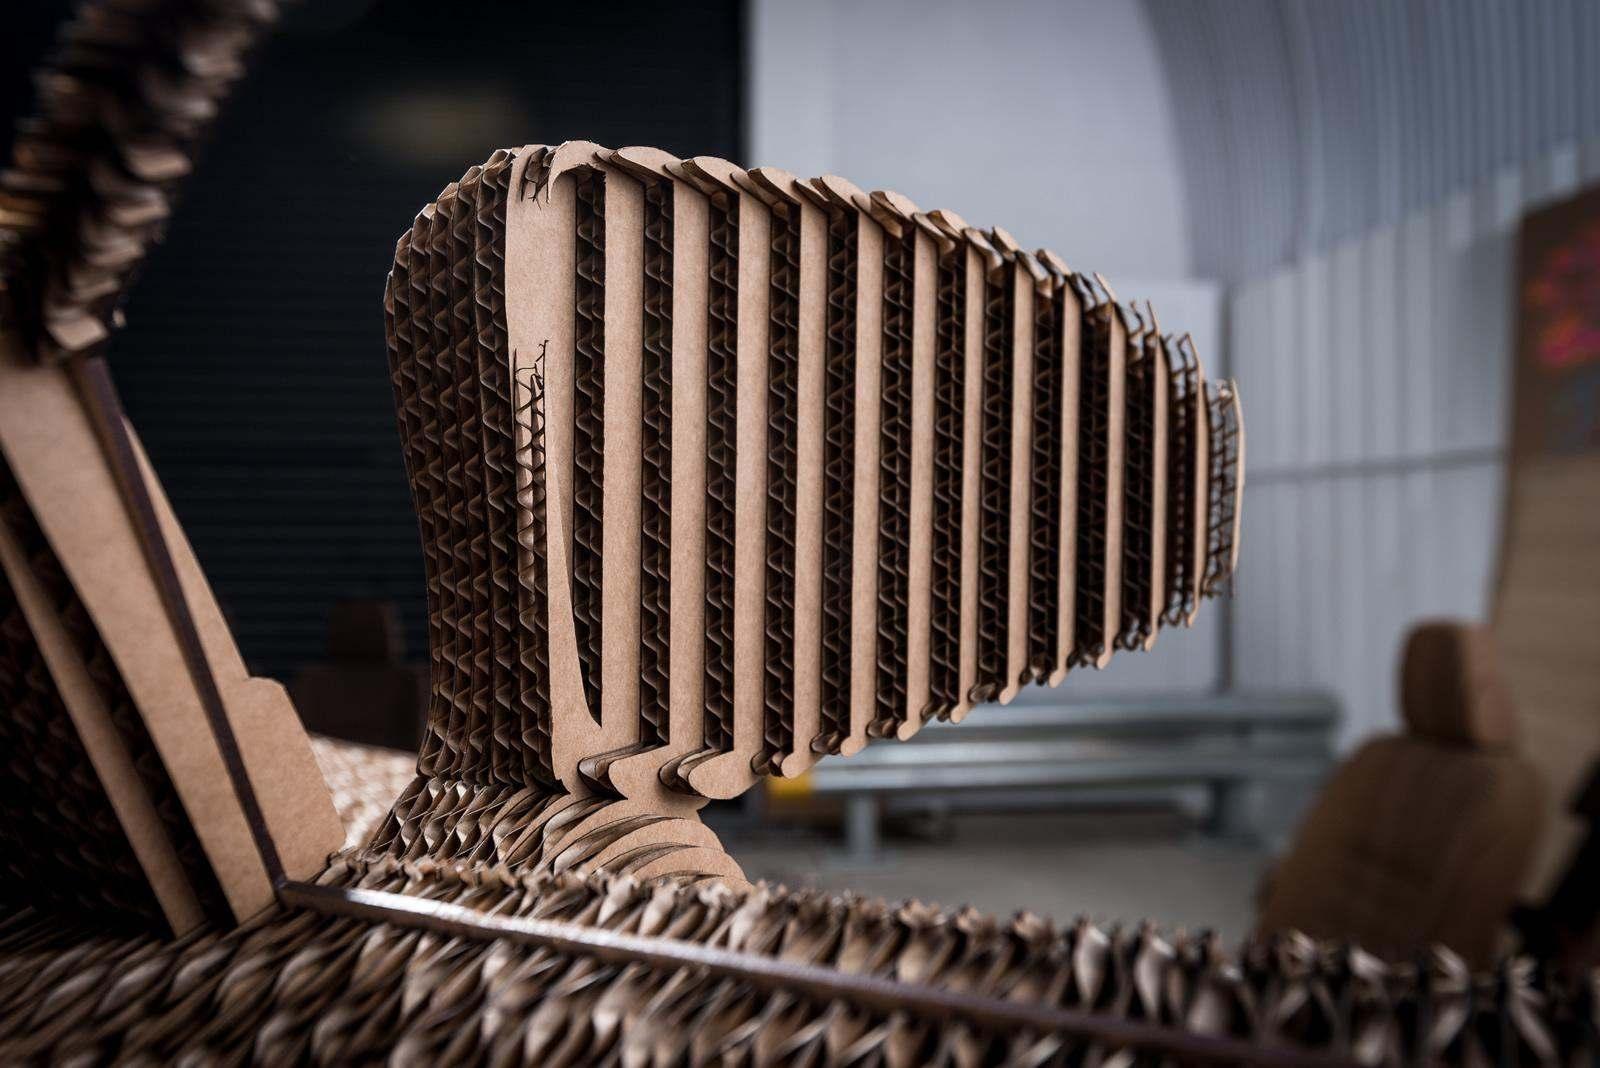 [Image: S0-Lexus-devoile-une-IS-roulante-en-carton-363715.jpg]